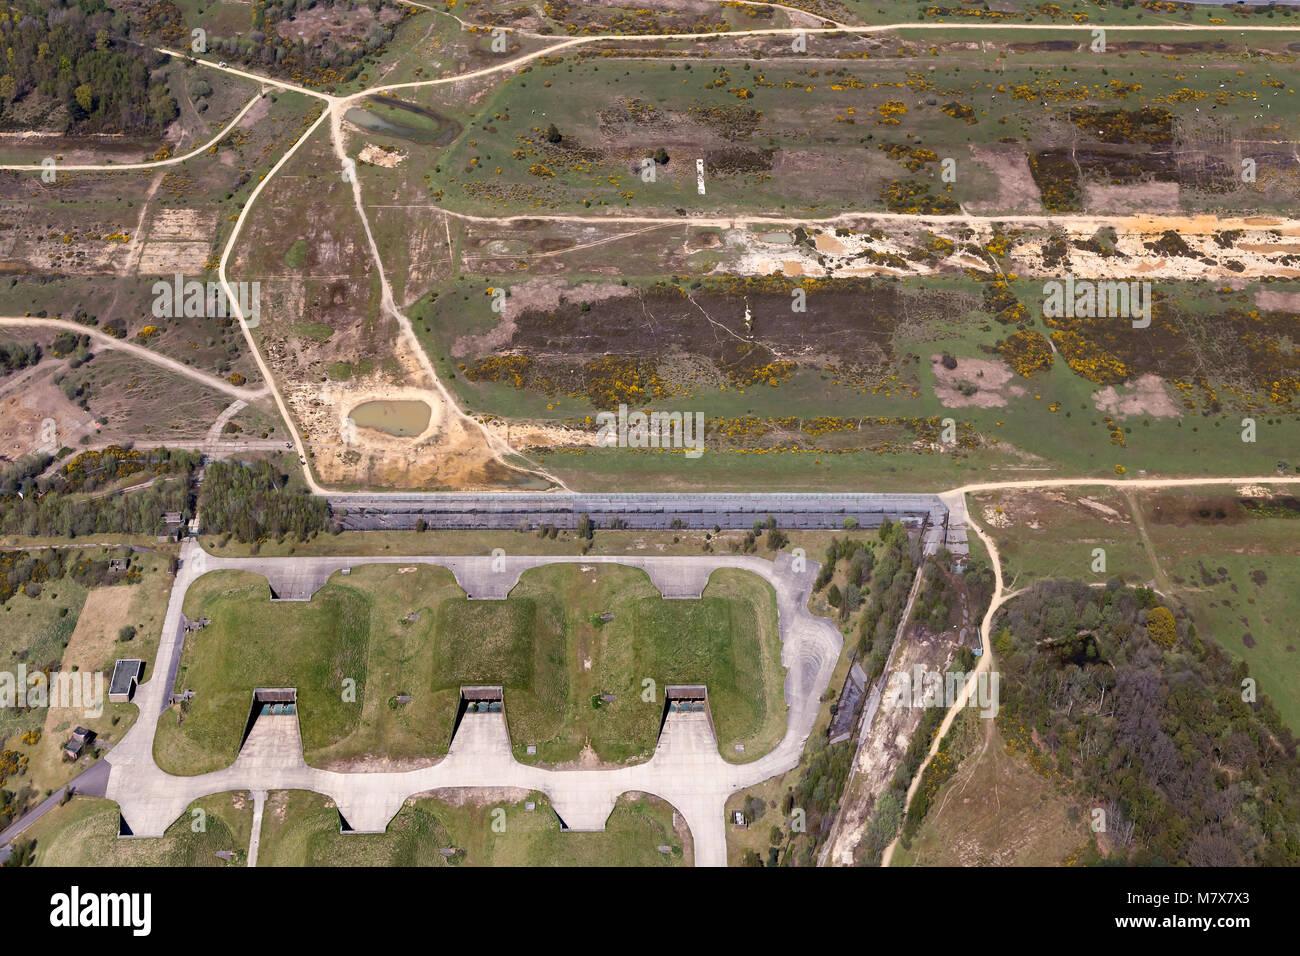 RAF Greenham Common, einem ehemaligen Royal Air Force Station in Berkshire, England. Schauplatz vieler Proteste Stockbild